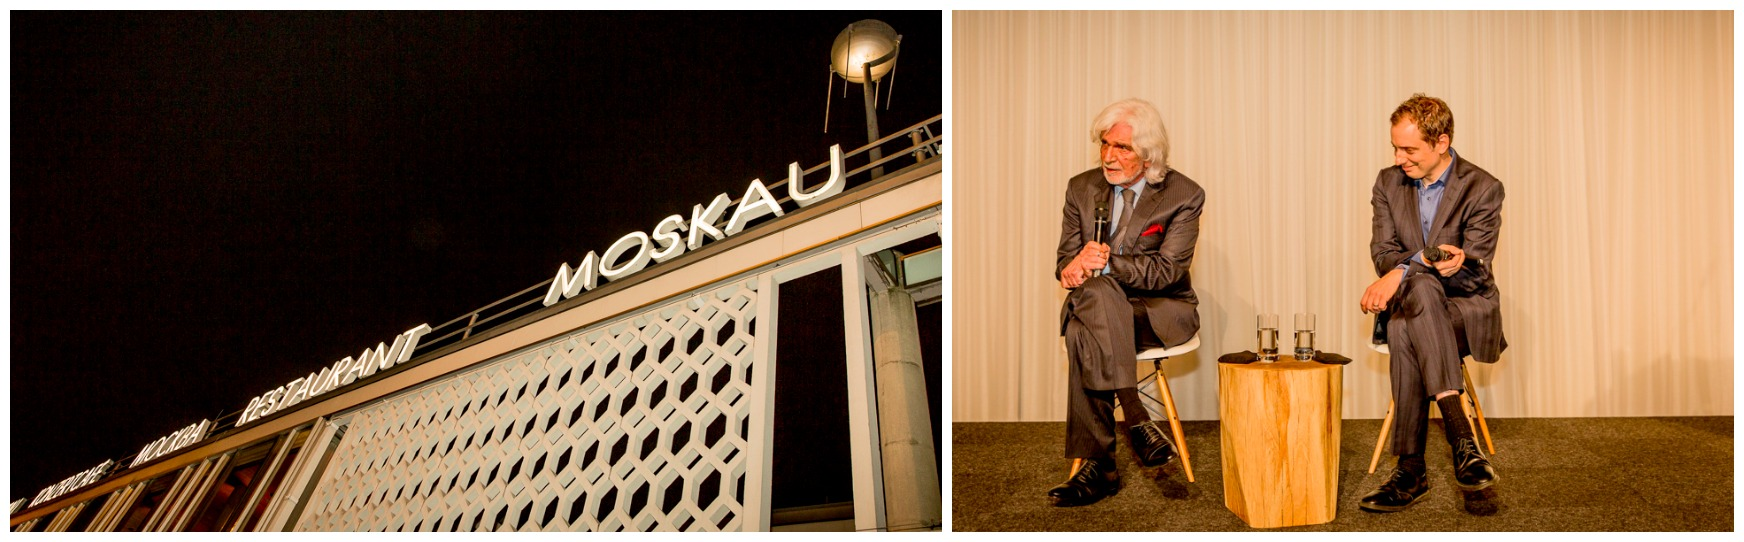 Das Café Moskau im ehemaligen Ostberlin erinnert an Avantgarde-Träume von anno dazumal (links), Bernardo Paz und Jochen Volz bei der Diskussion. Fotos: Klaus Weddig